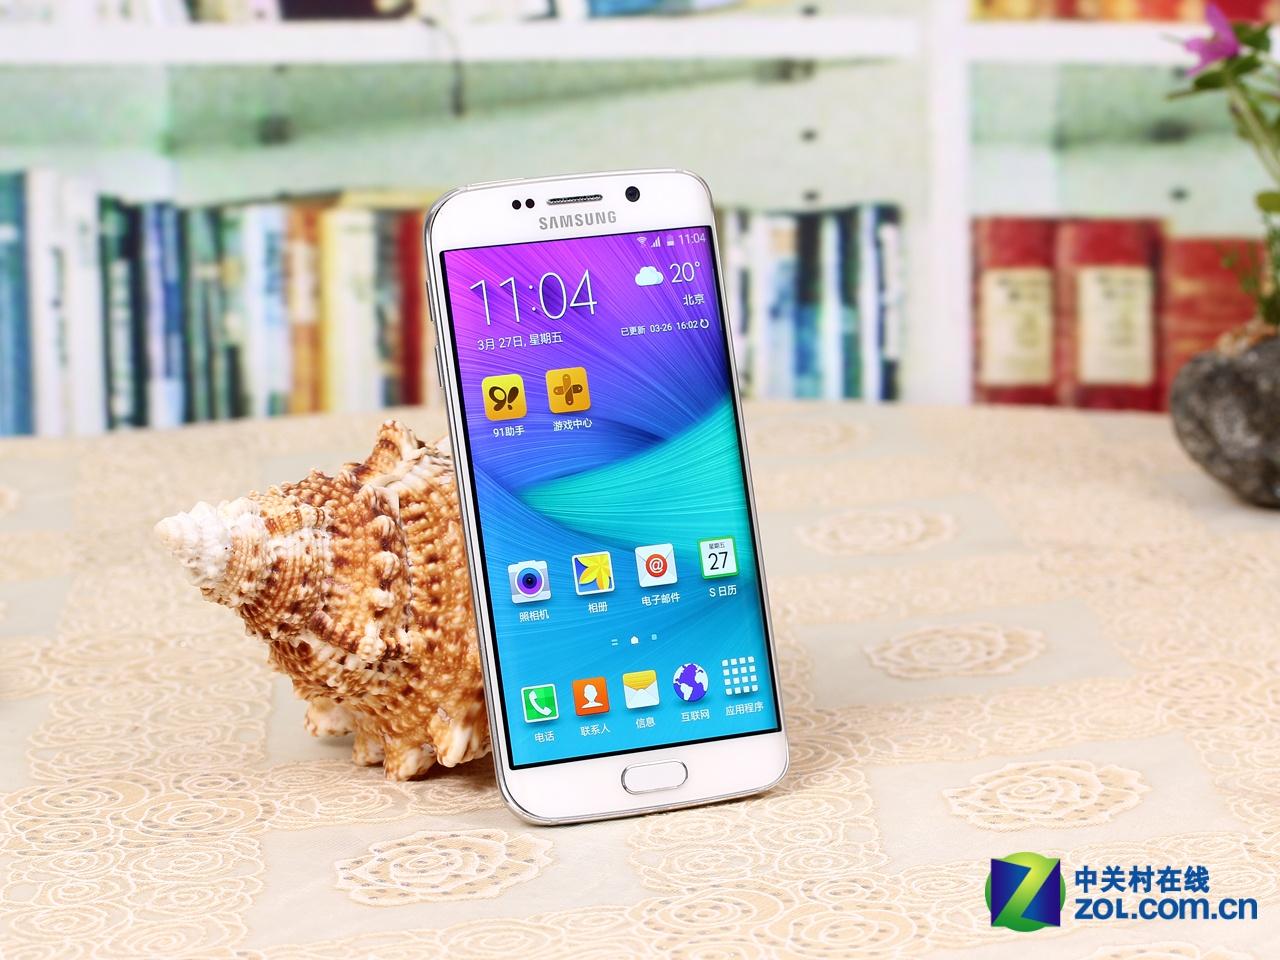 618狂欢促销节 八大超值购智能手机推荐